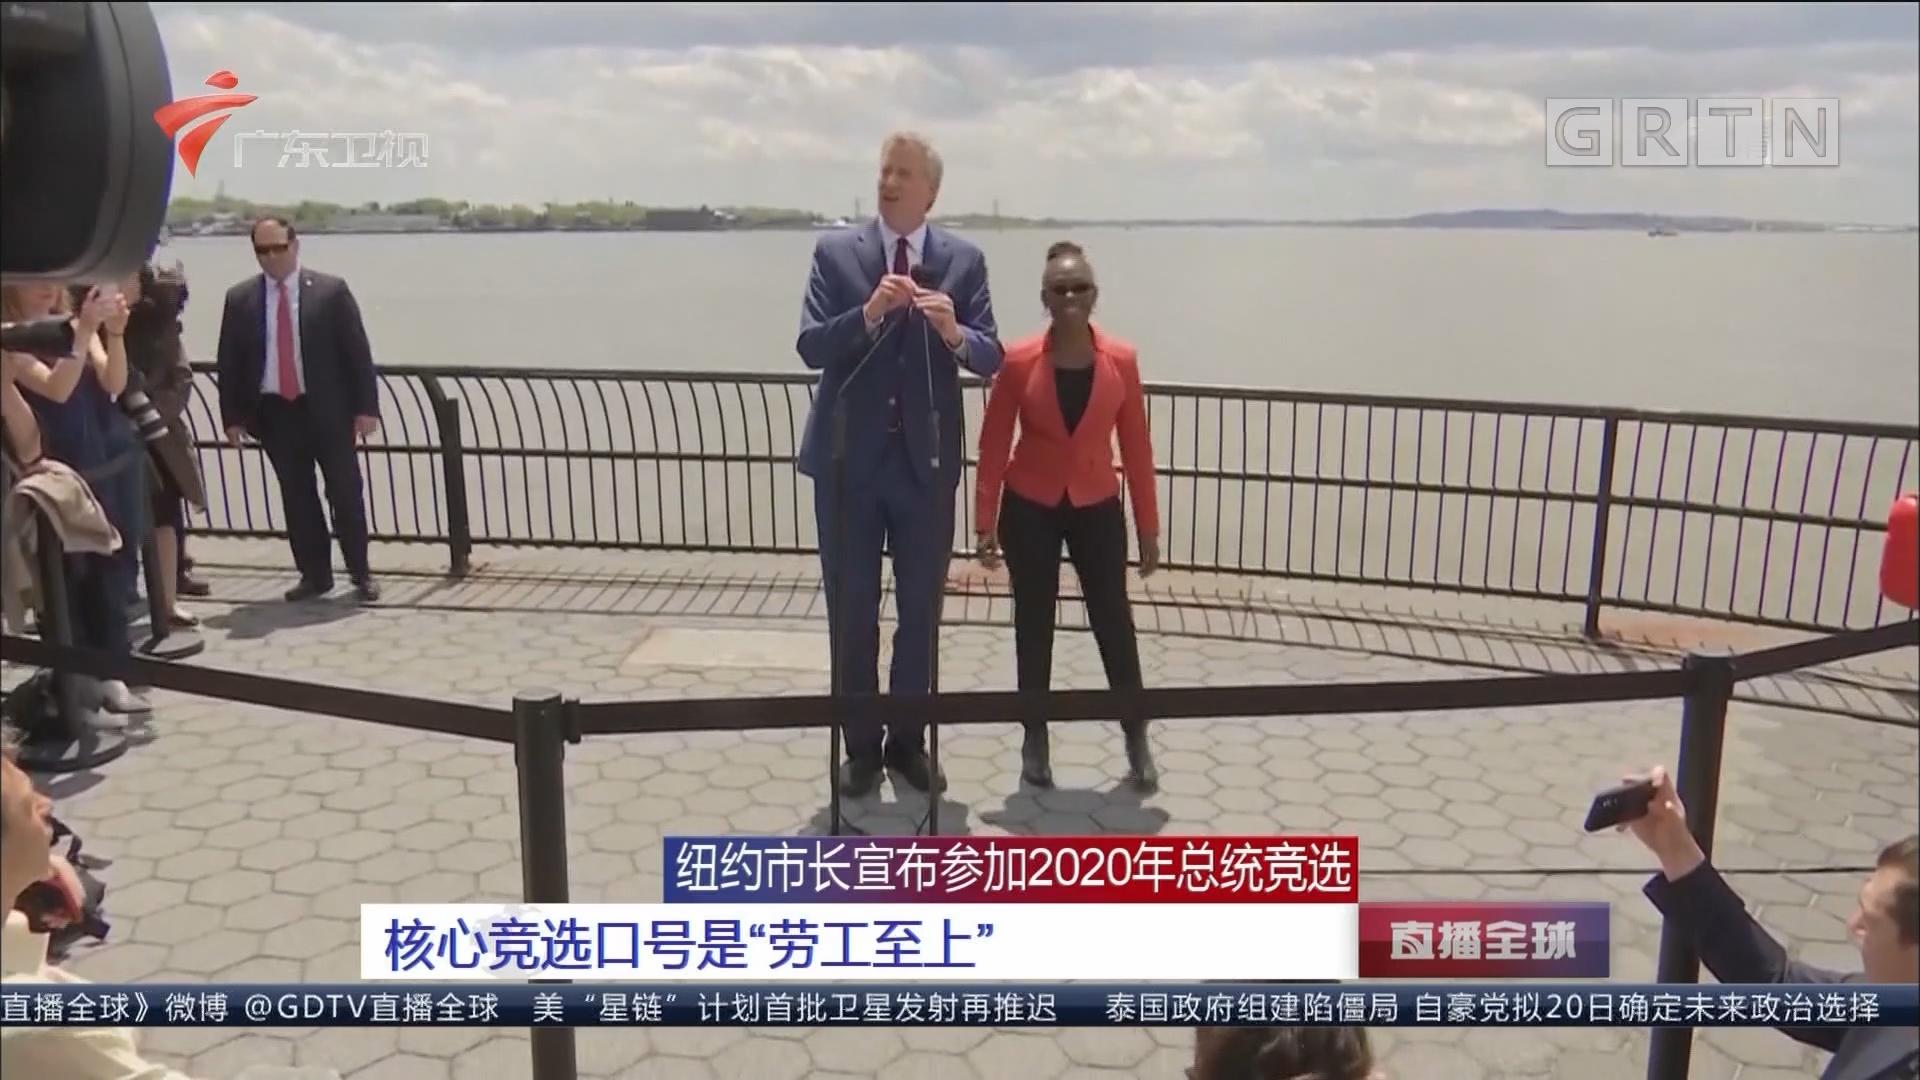 """纽约市长宣布参加2020年总统竞选:核心竞选口号是""""劳工至上"""""""